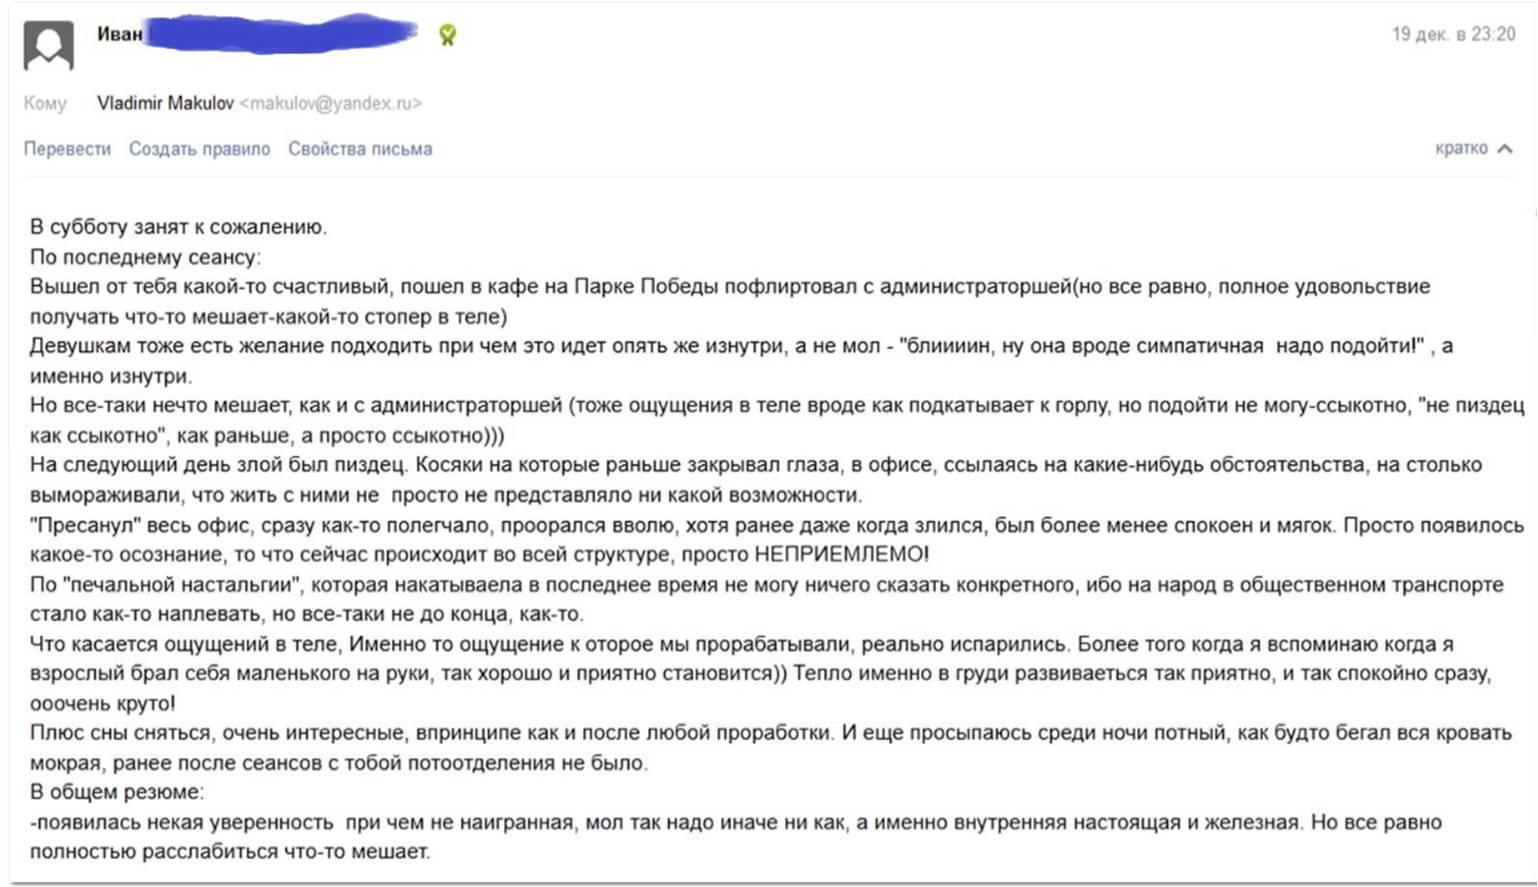 Ivan pismo